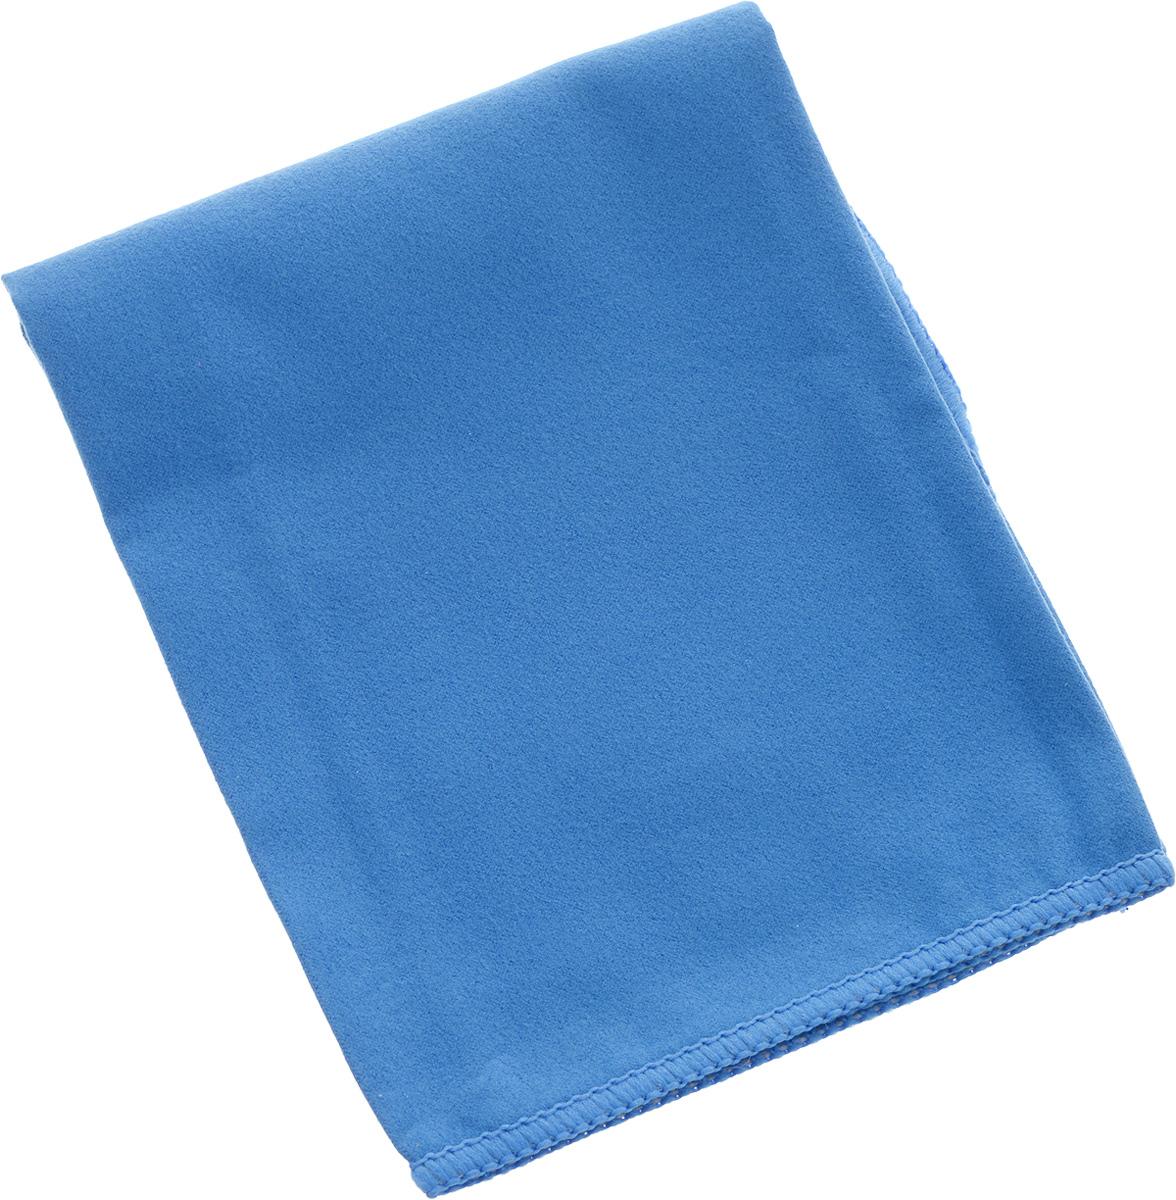 Салфетка Airline, двухсторонняя, цвет: синий, 35 х 40 смAB-A-01Салфетка из микрофибры поможет удалить загрязнения, а благодаря двухсторонней поверхности изделия уборка станет намного удобнее. Салфетка изготовлена в синем цвете и имеет с двух сторон покрытие тонкого слоя ворса из микрофибры. Салфетка не только удаляет загрязнения, но и не оставляет разводов.